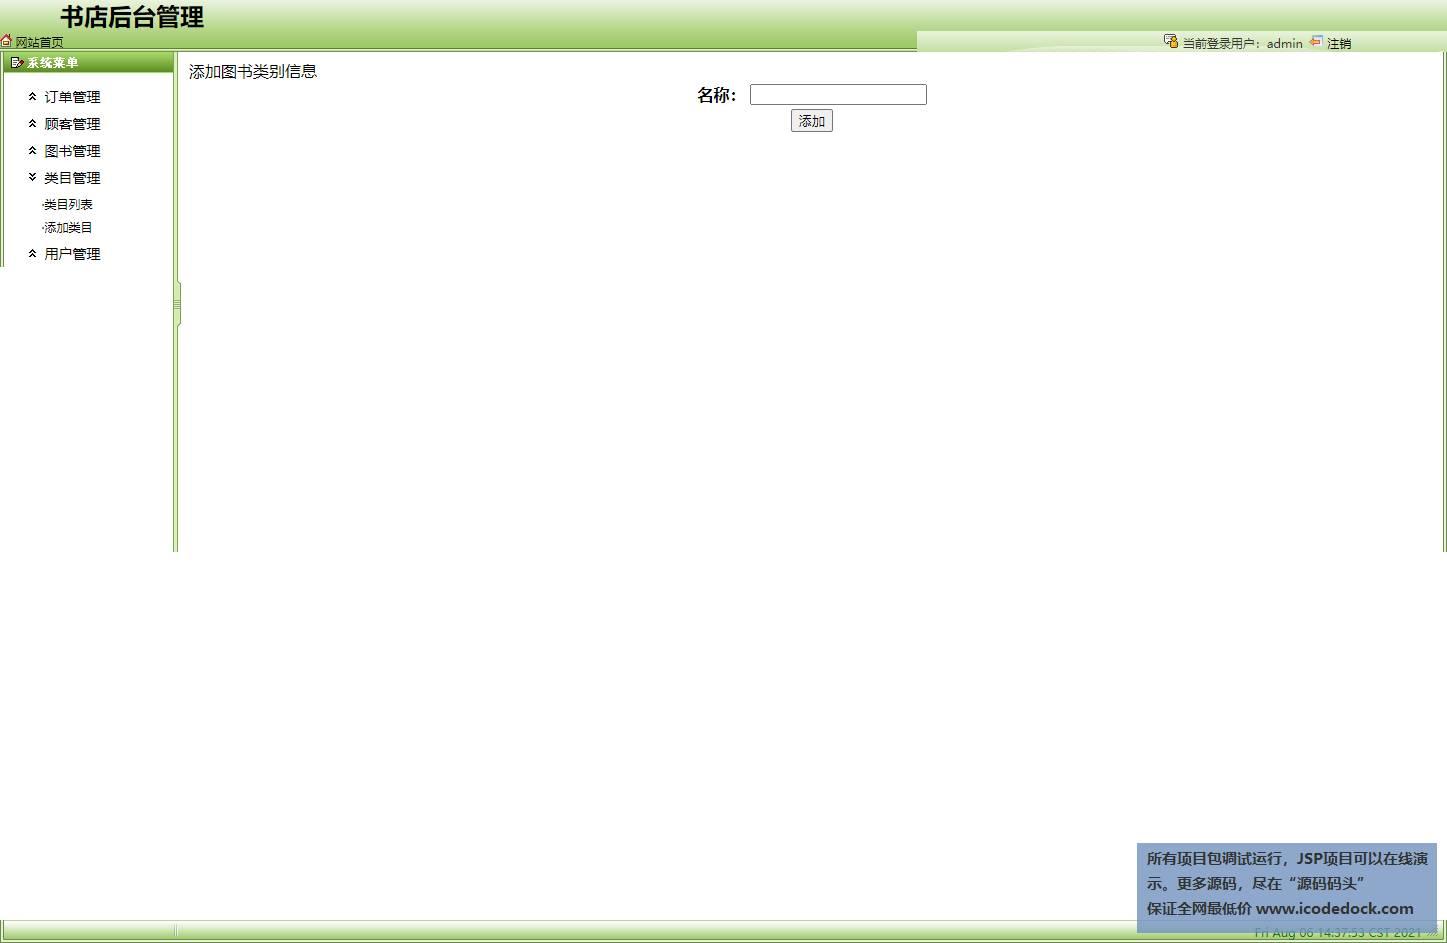 源码码头-SSH实现一个图书销售商场项目网站-管理员角色-添加类目